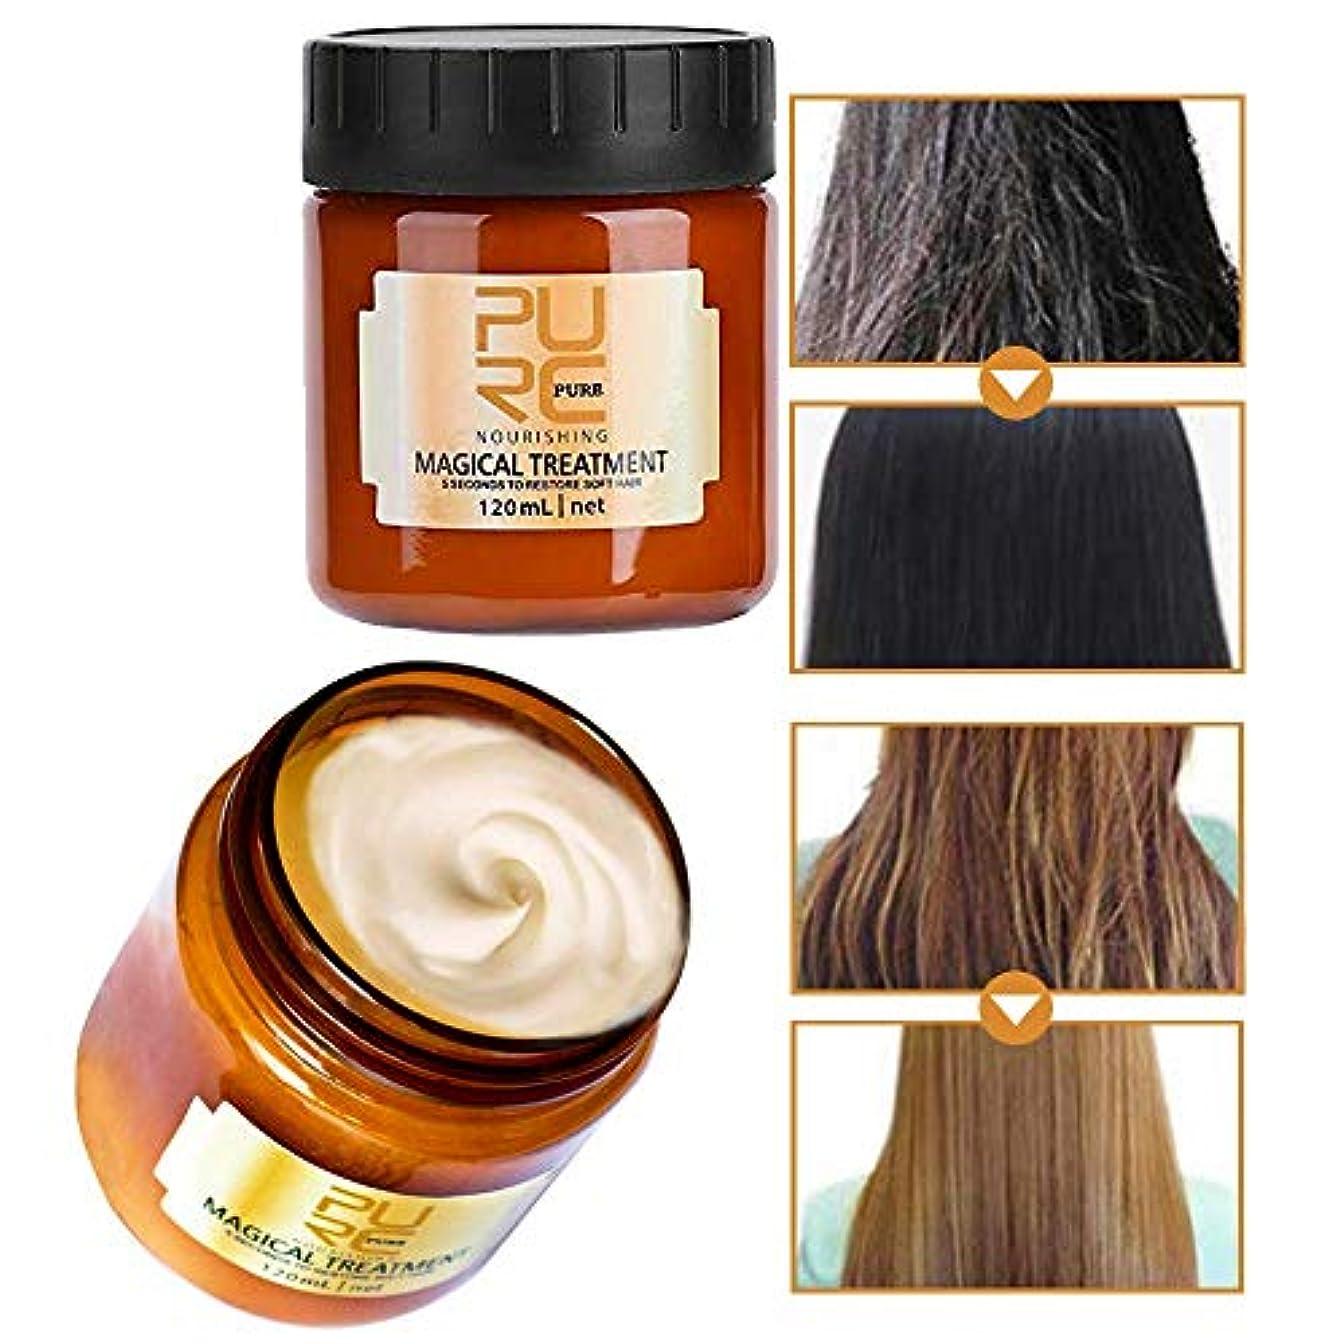 スクラップ変動する神Odette 2019 ヘアケアエッセンスルートトリートメント乾燥した髪を改善躁髪質を改善し、健康的で柔らかい髪を回復する栄養ケアを達成効果的で便利なヘアケアクリーム (120ml) (1pcs)